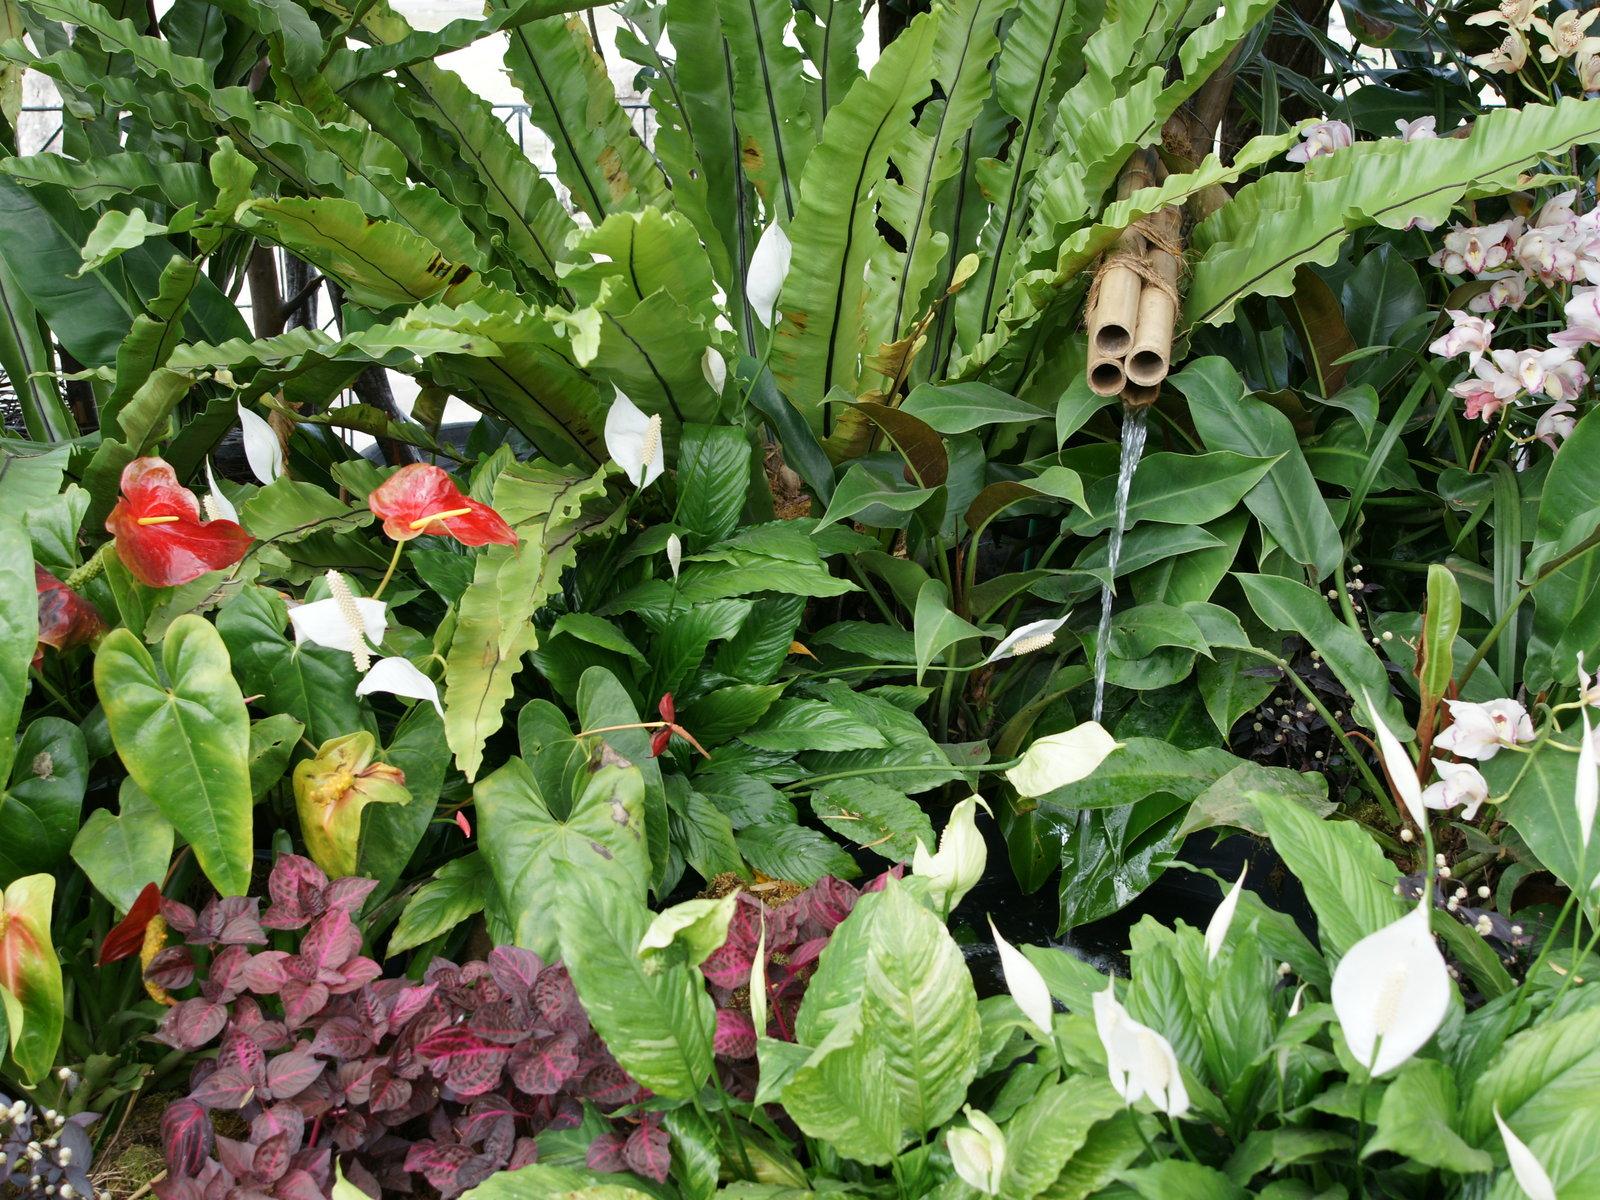 plantas jardim tropical: : plantas, flores e jardinagem : Plantas para um jardim tropical